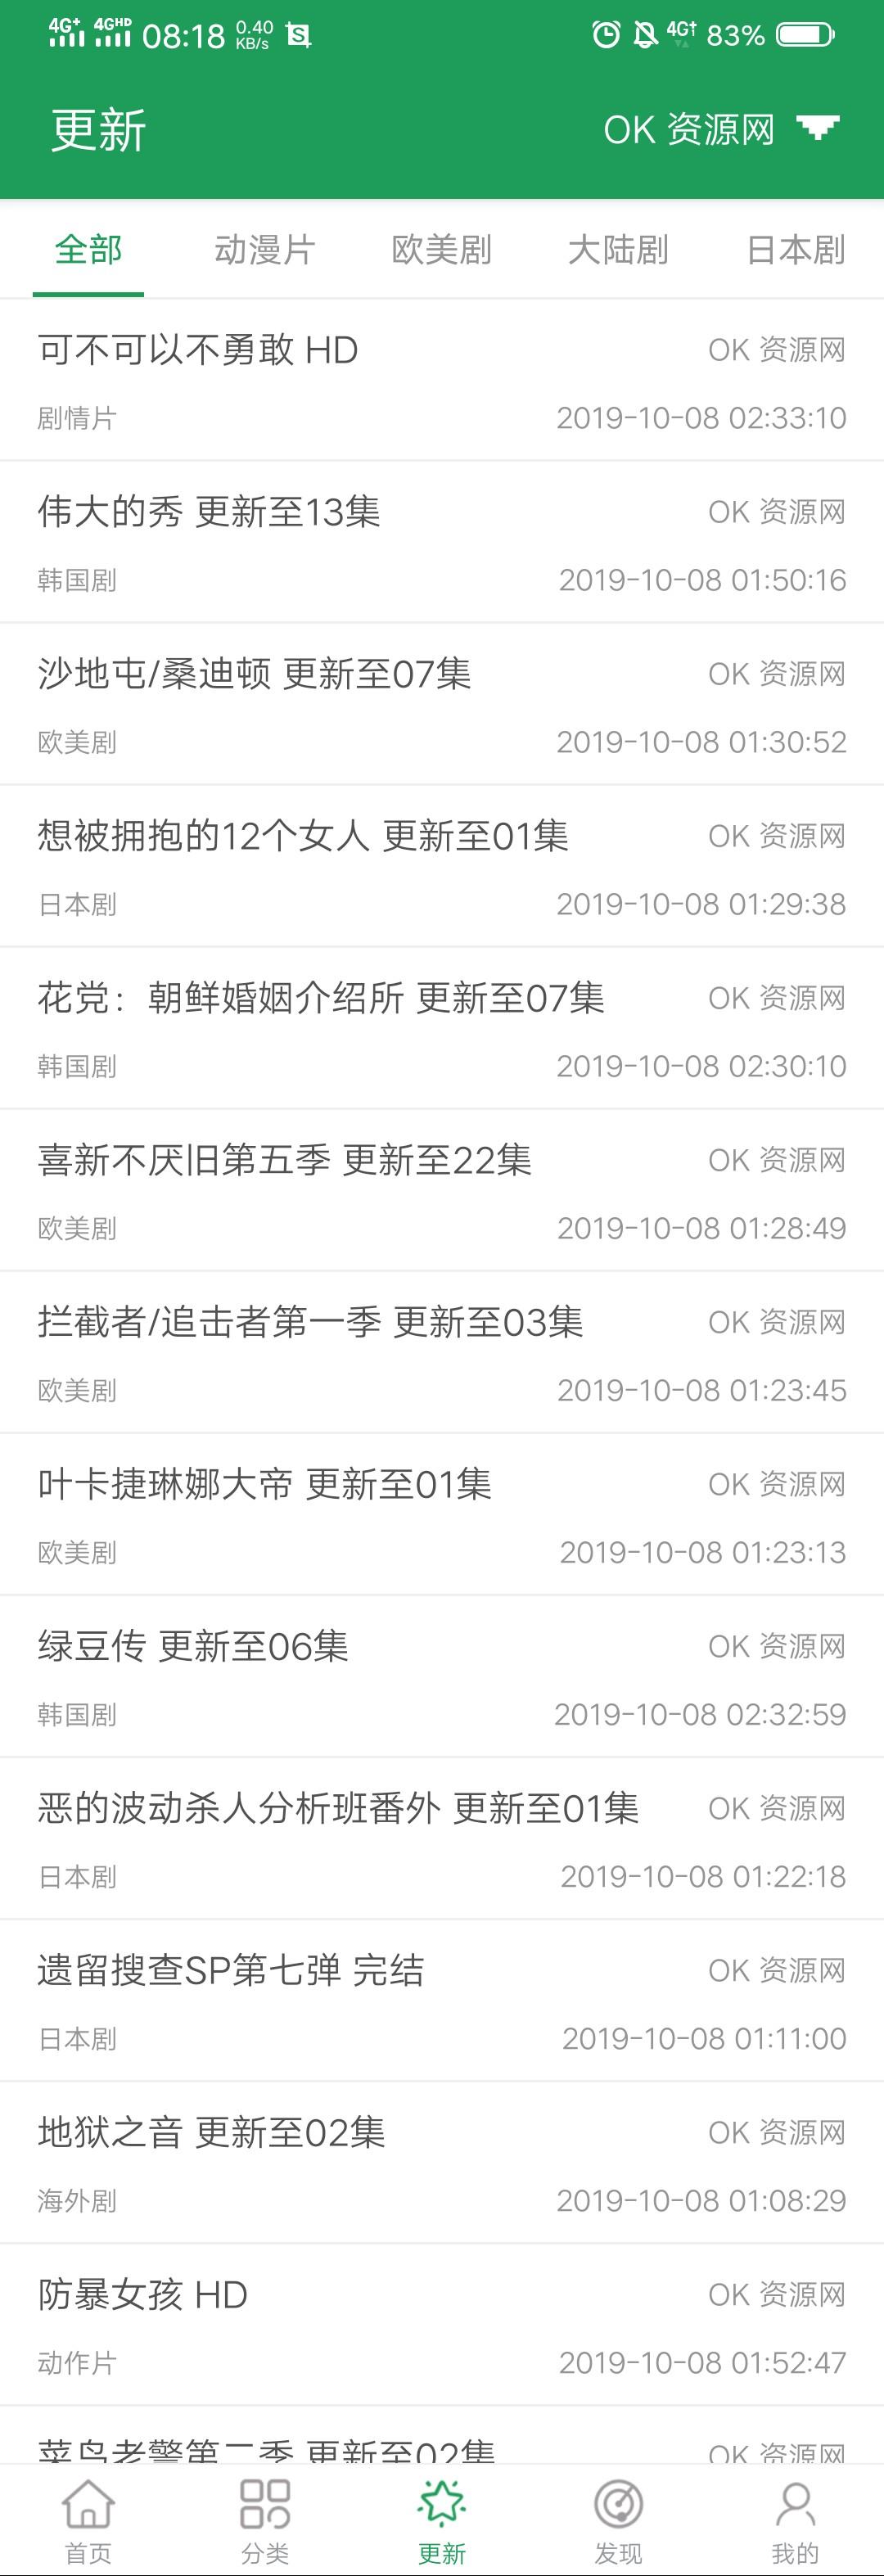 Screenshot_2019_1008_081819.jpg